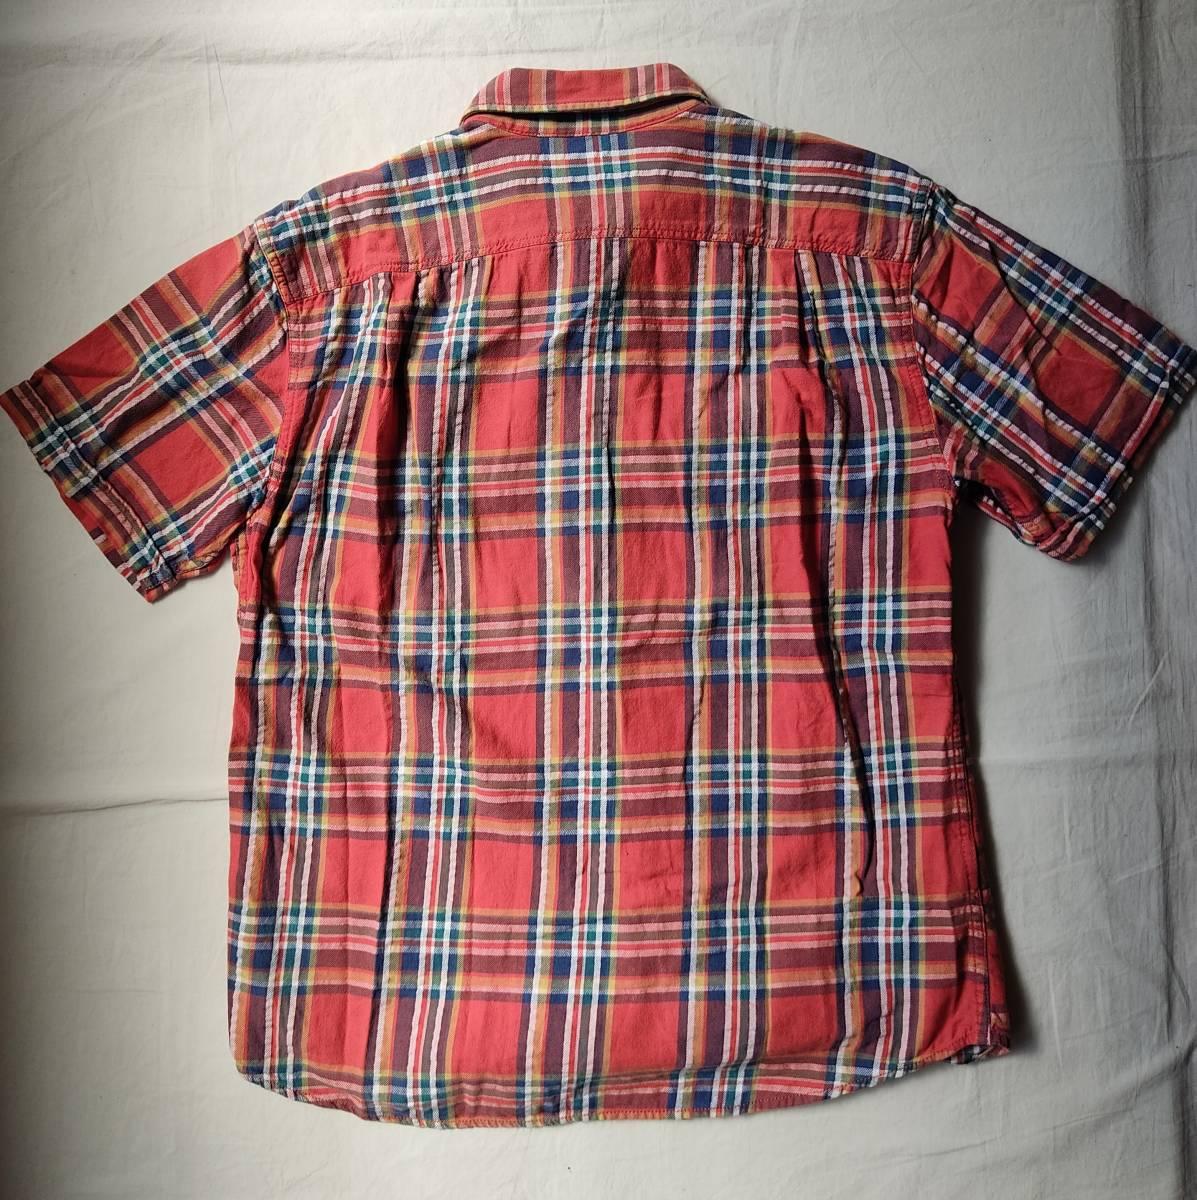 送料無料 eddie bauer エディーバウアー コットン ワークシャツ チェック 半袖シャツ 猫目ボタン オーバーサイズ 90s hiphop ビンテージ